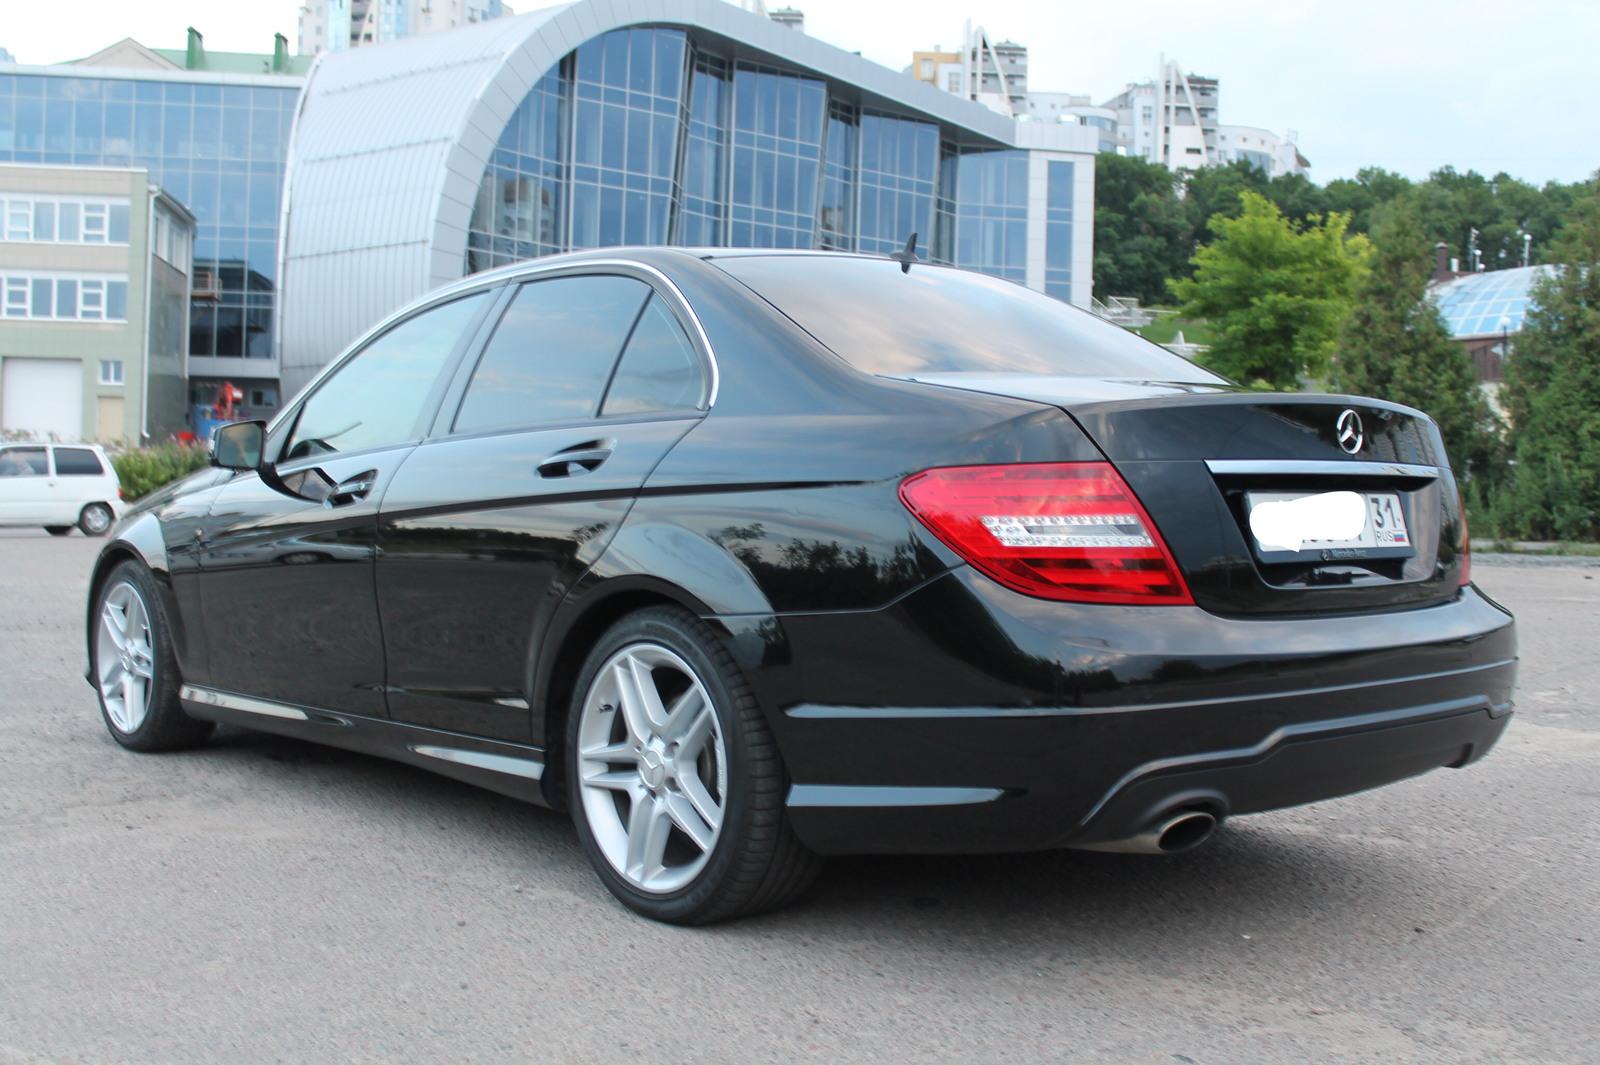 Продажа автомобилей бу дать объявление авито красноярск дать объявление